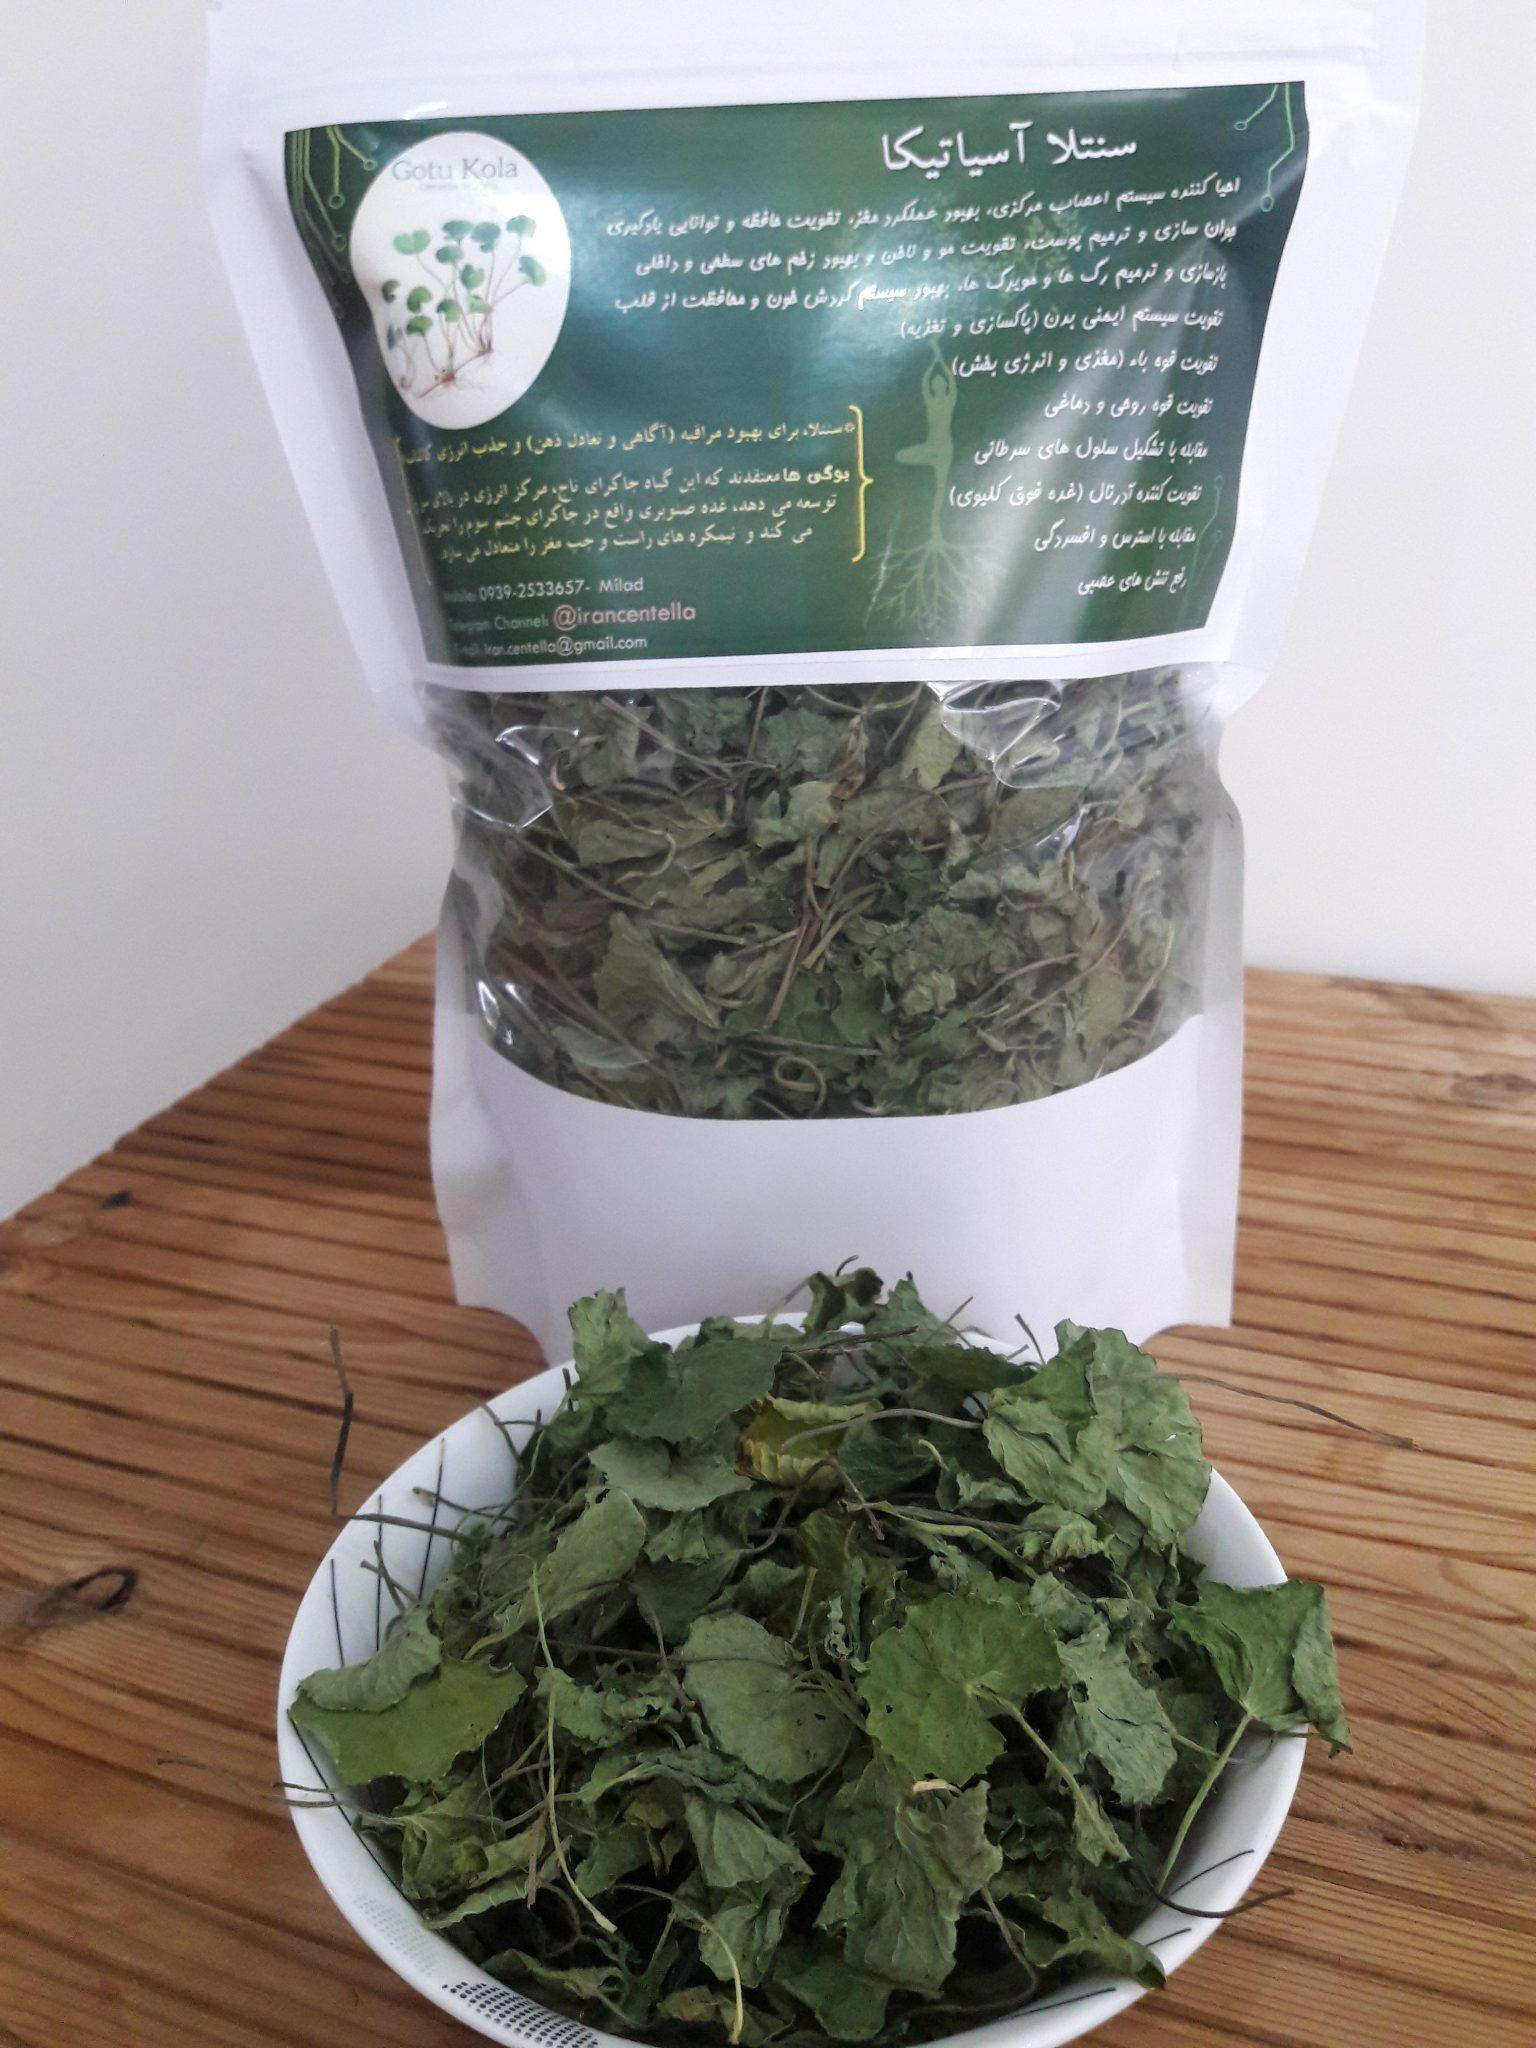 برگ و ساقه خشک شده گیاه دارویی سنتلا آسیاتیکا